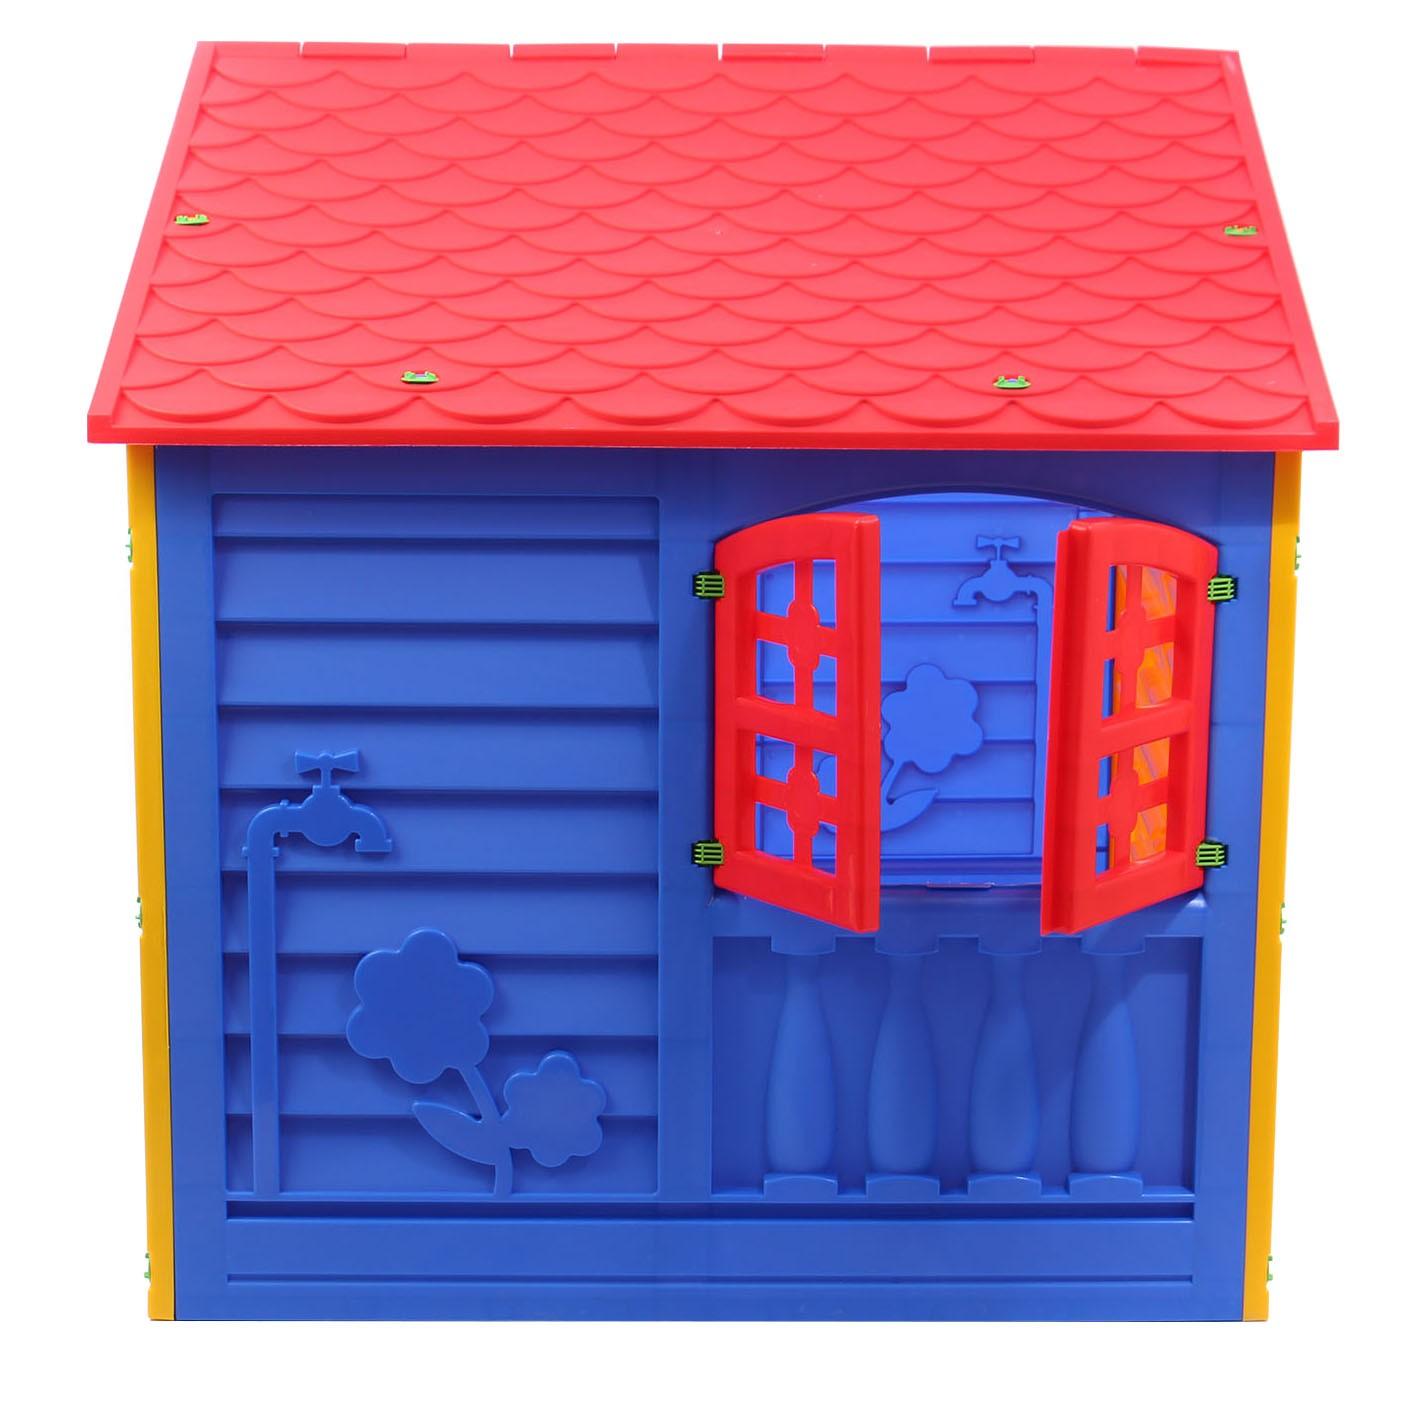 Casuta plastic copii 130x109x115 cm.